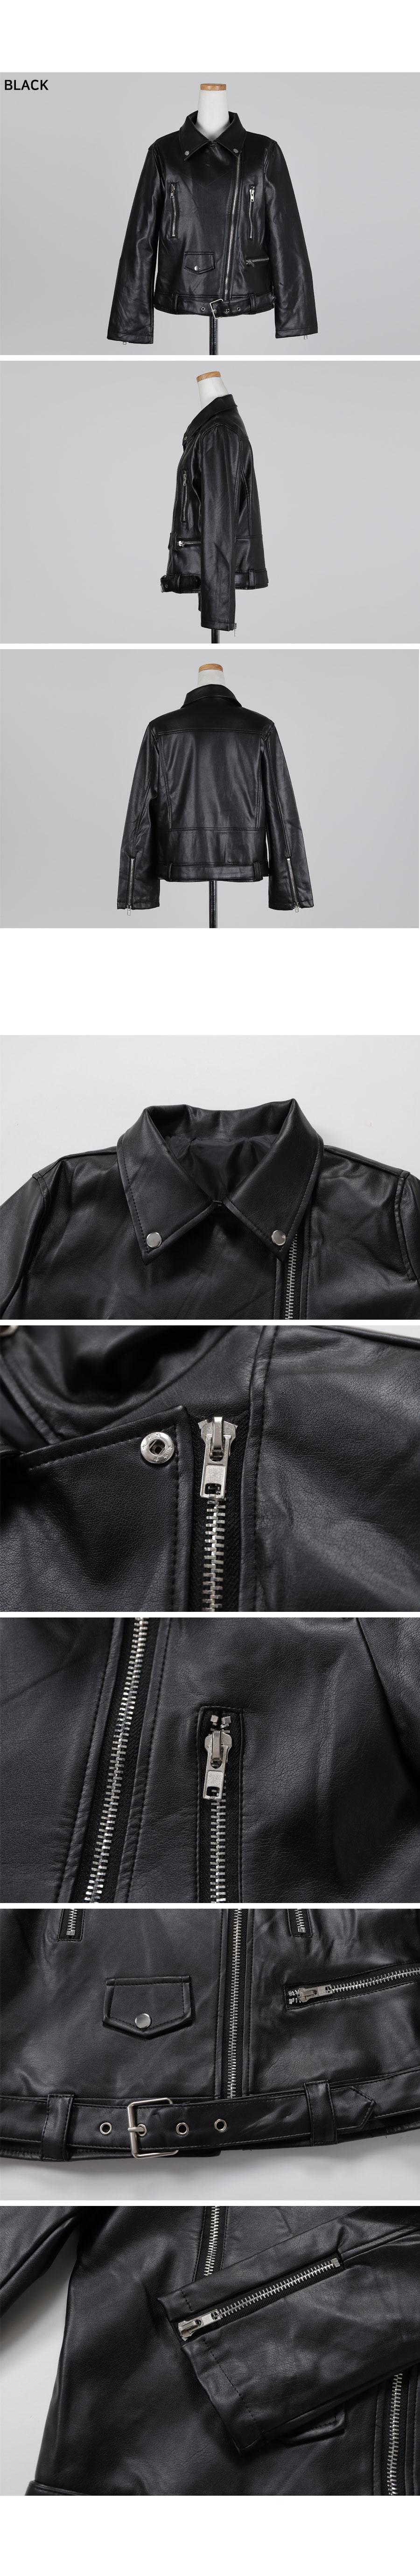 마크 슬림 레더 자켓 - 써리미, 46,000원, 아우터, 자켓